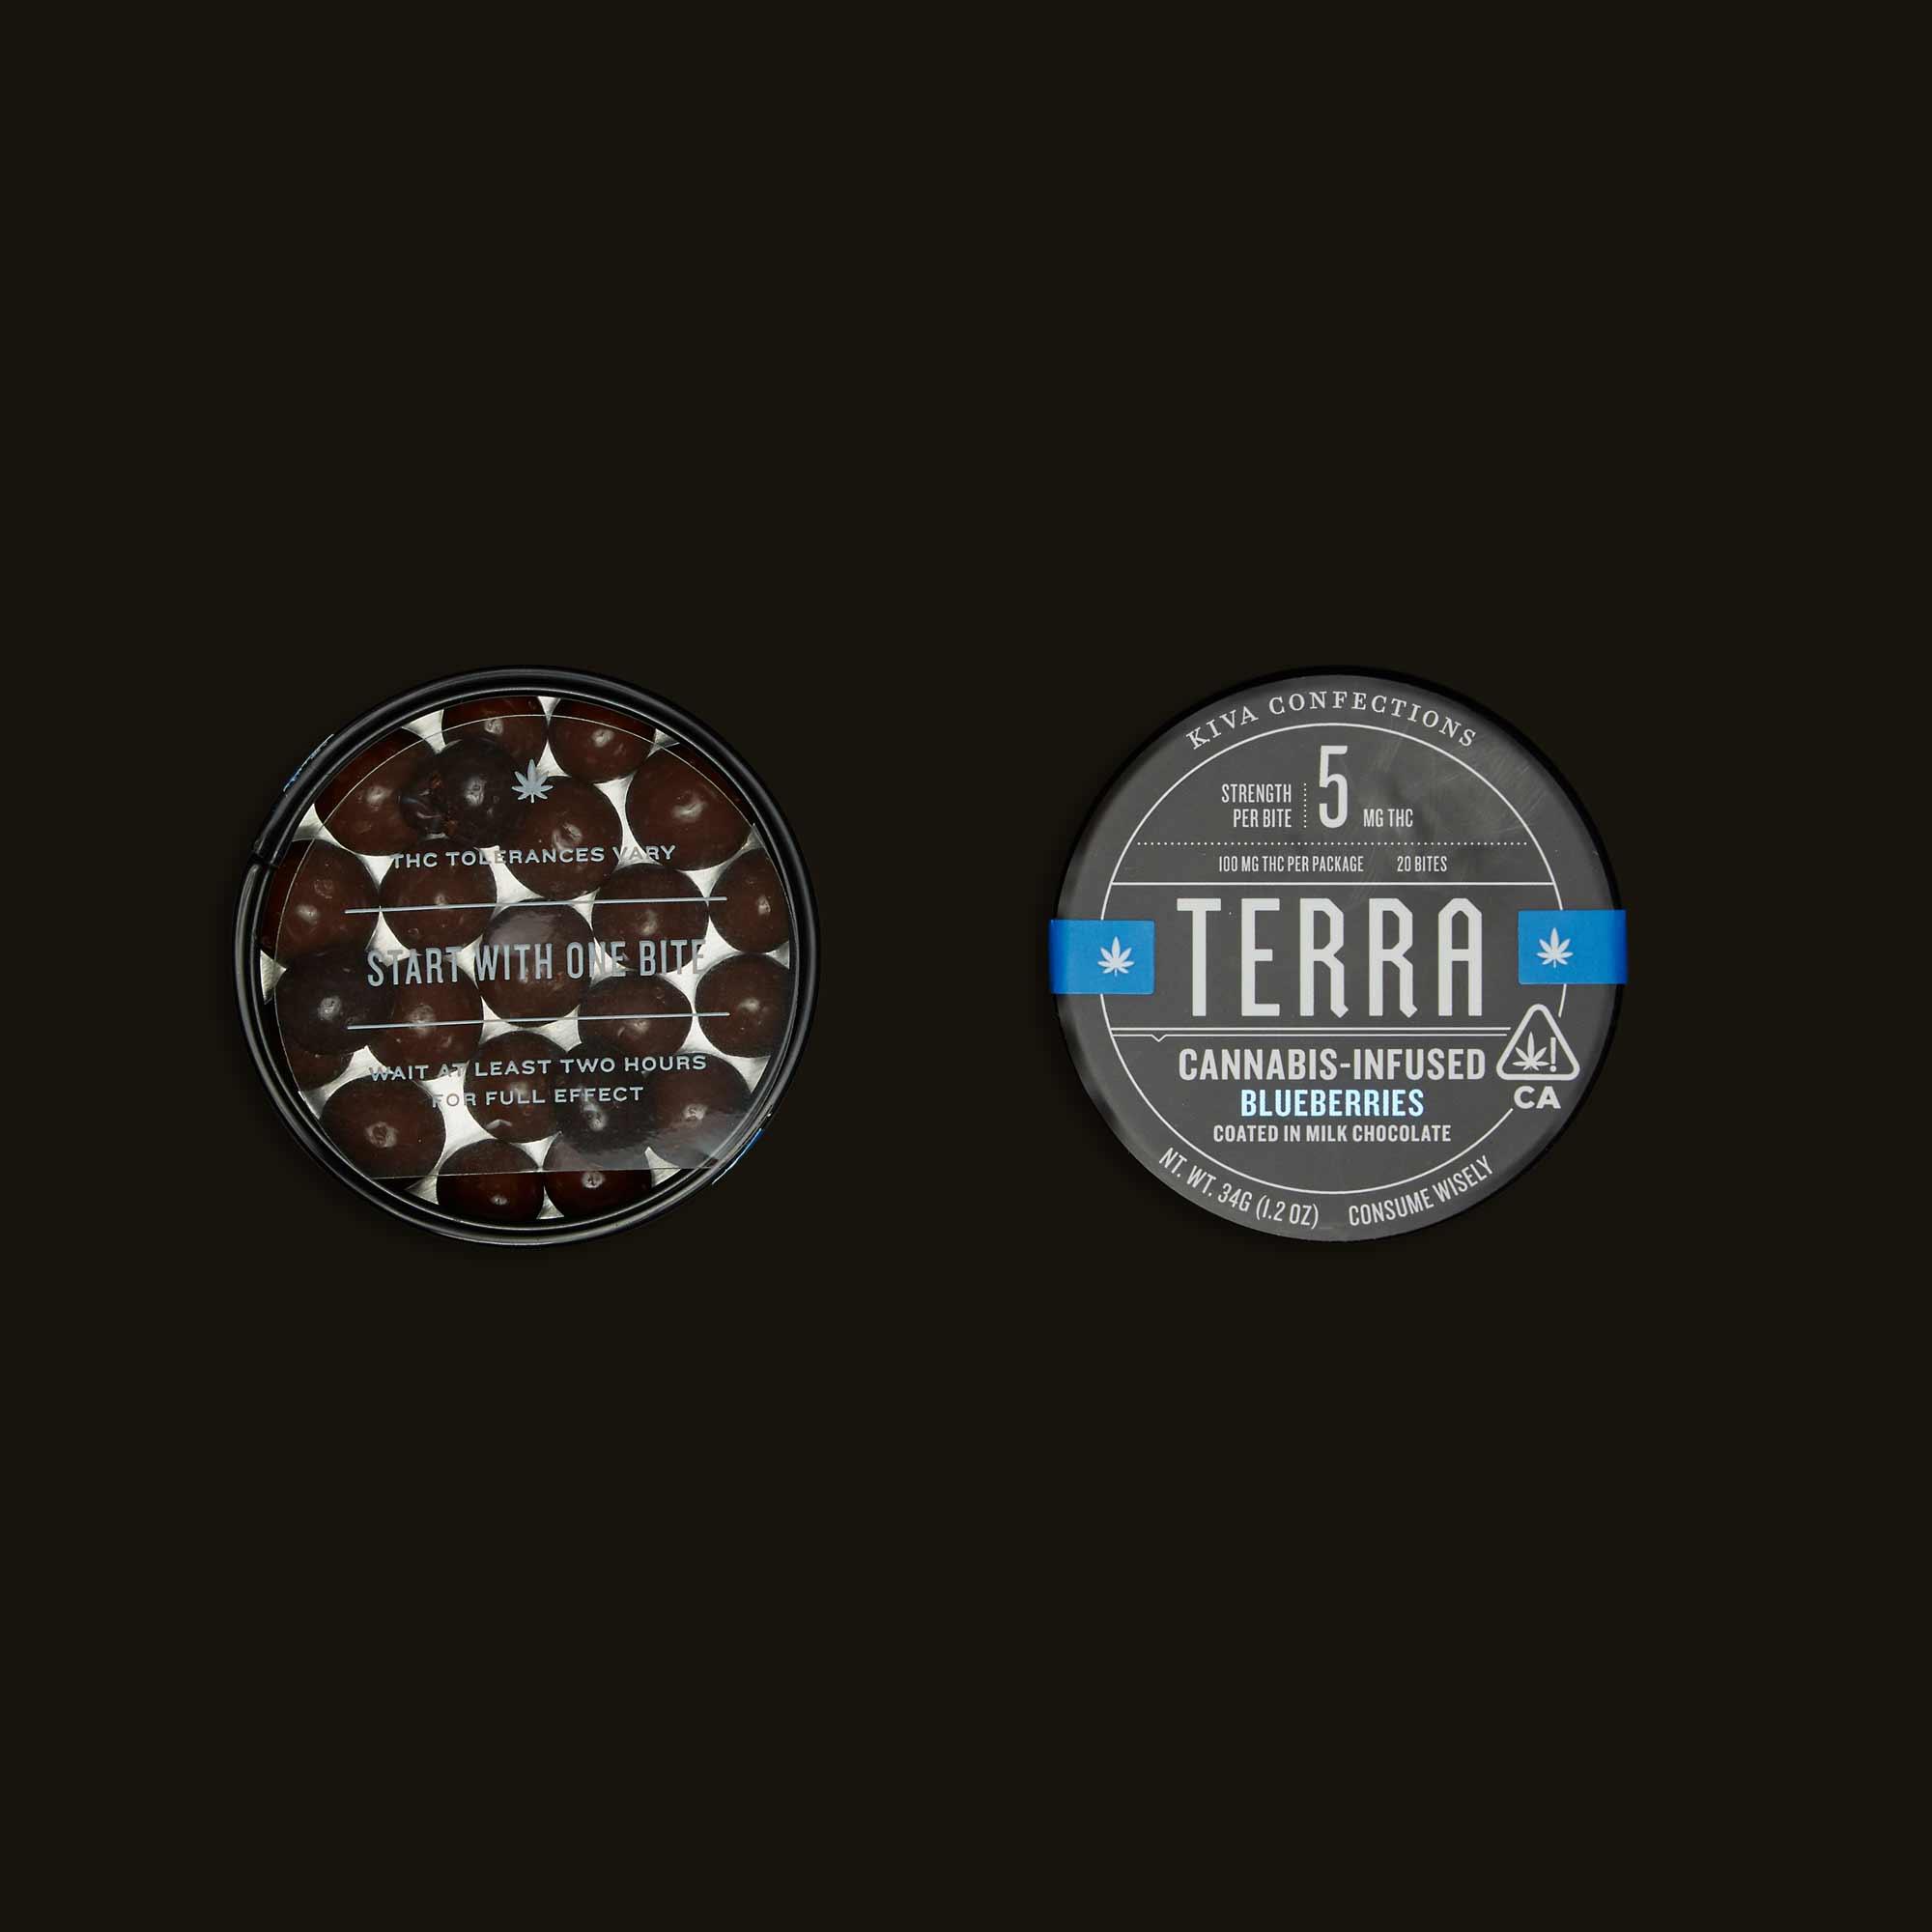 Kiva blueberry THC infused chocolate bites